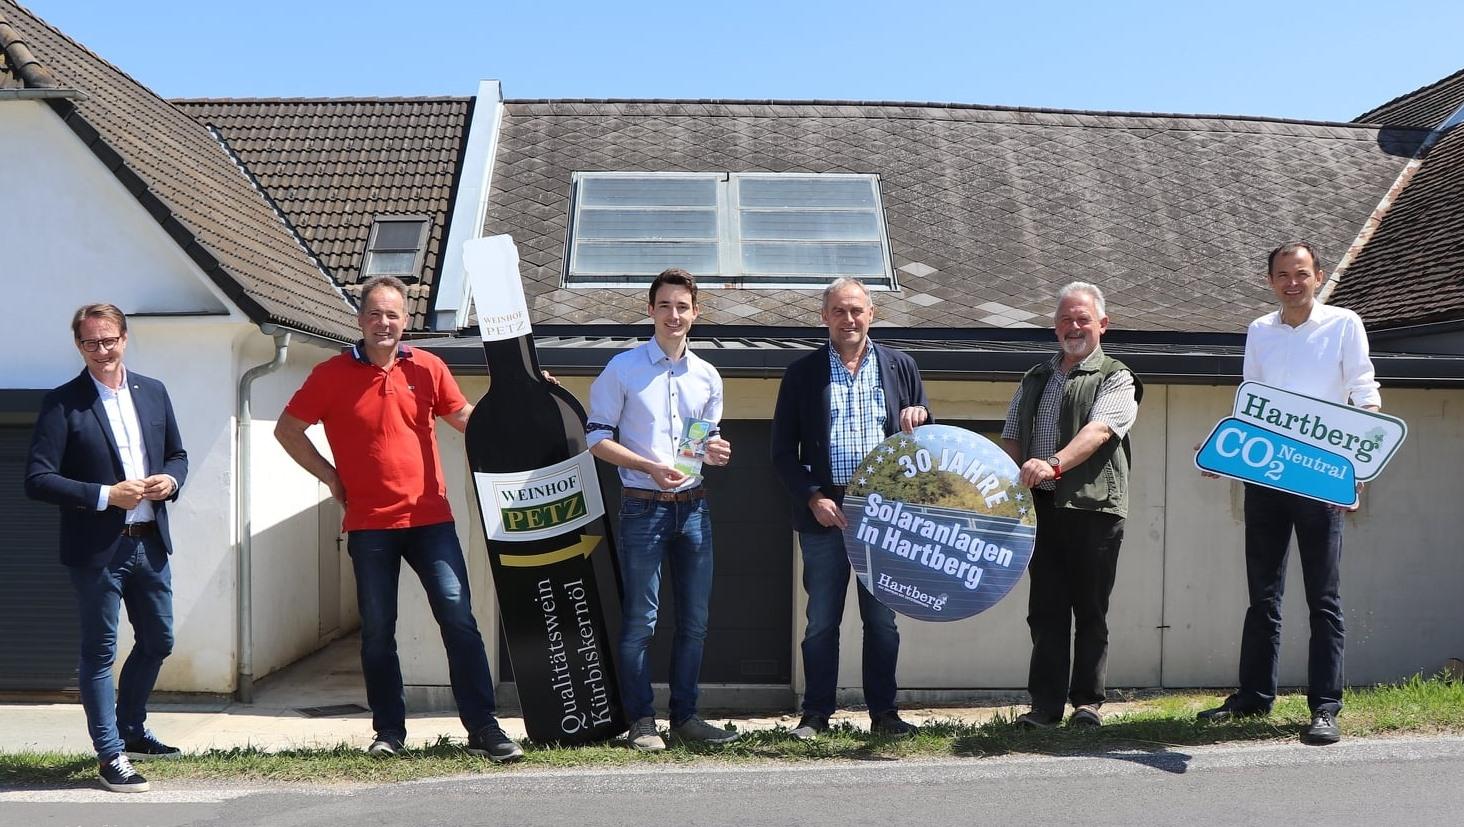 Marcus Martschitsch, Erwin Petz, Simon Schalk, Johann Winkler, Josef Fink, Anton Schuller stehen vor einer 30 Jahre alten Solaranlage